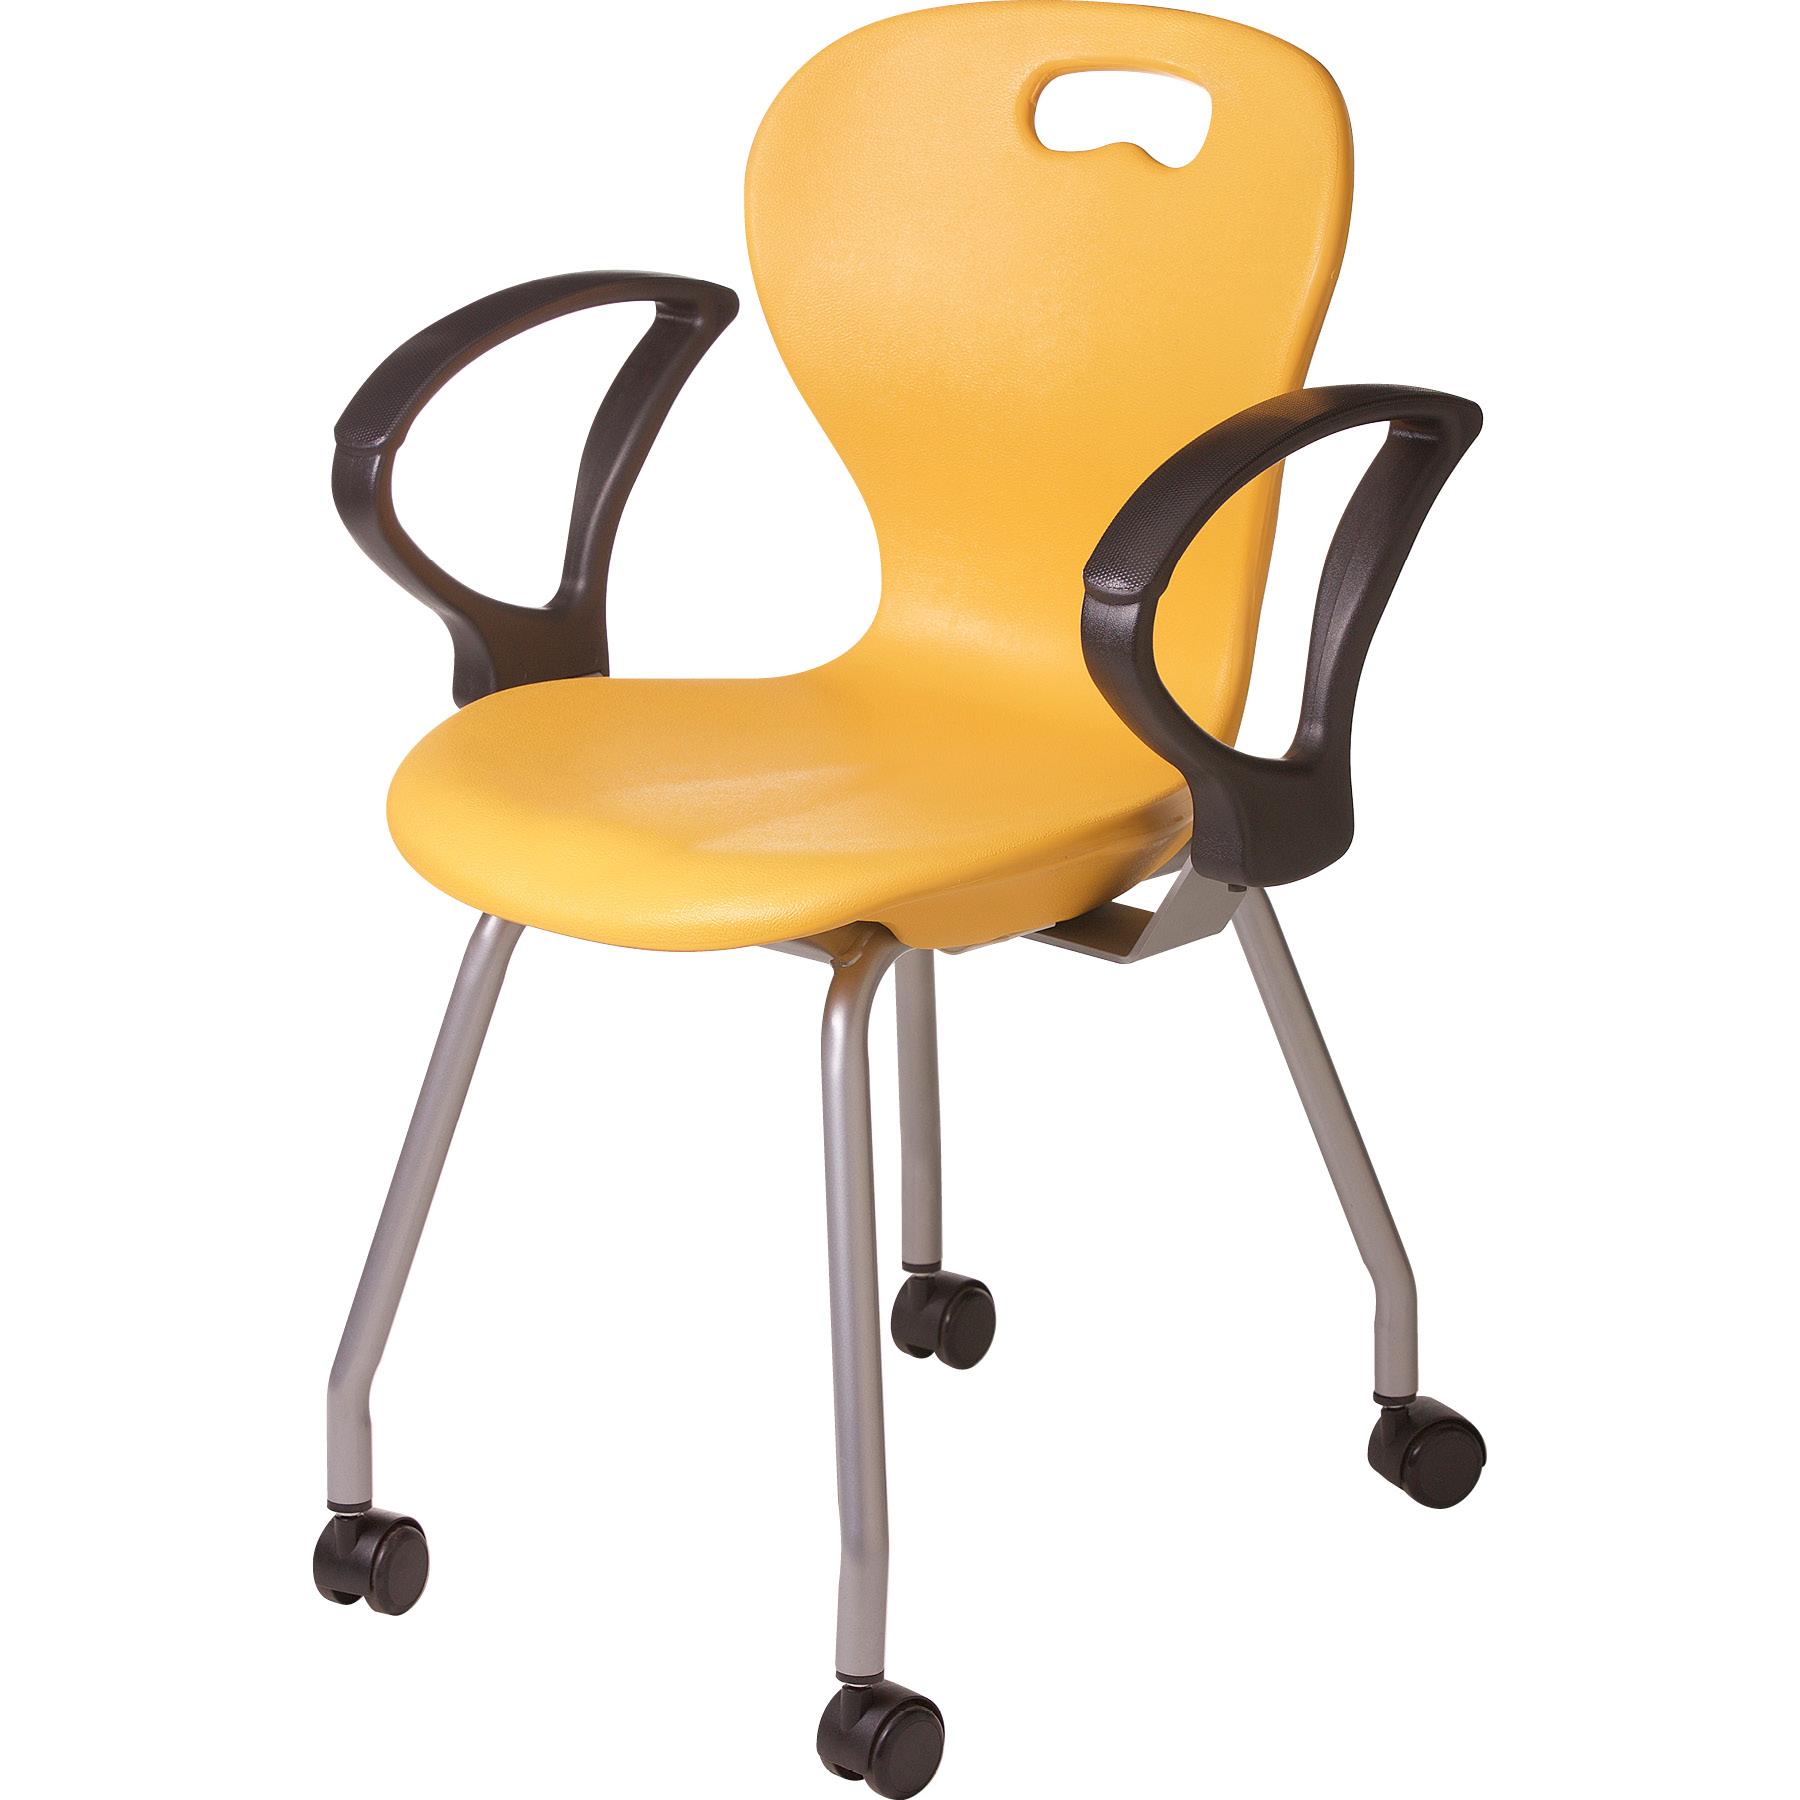 2898 Omnia Teachers Chair Mobile with armrest